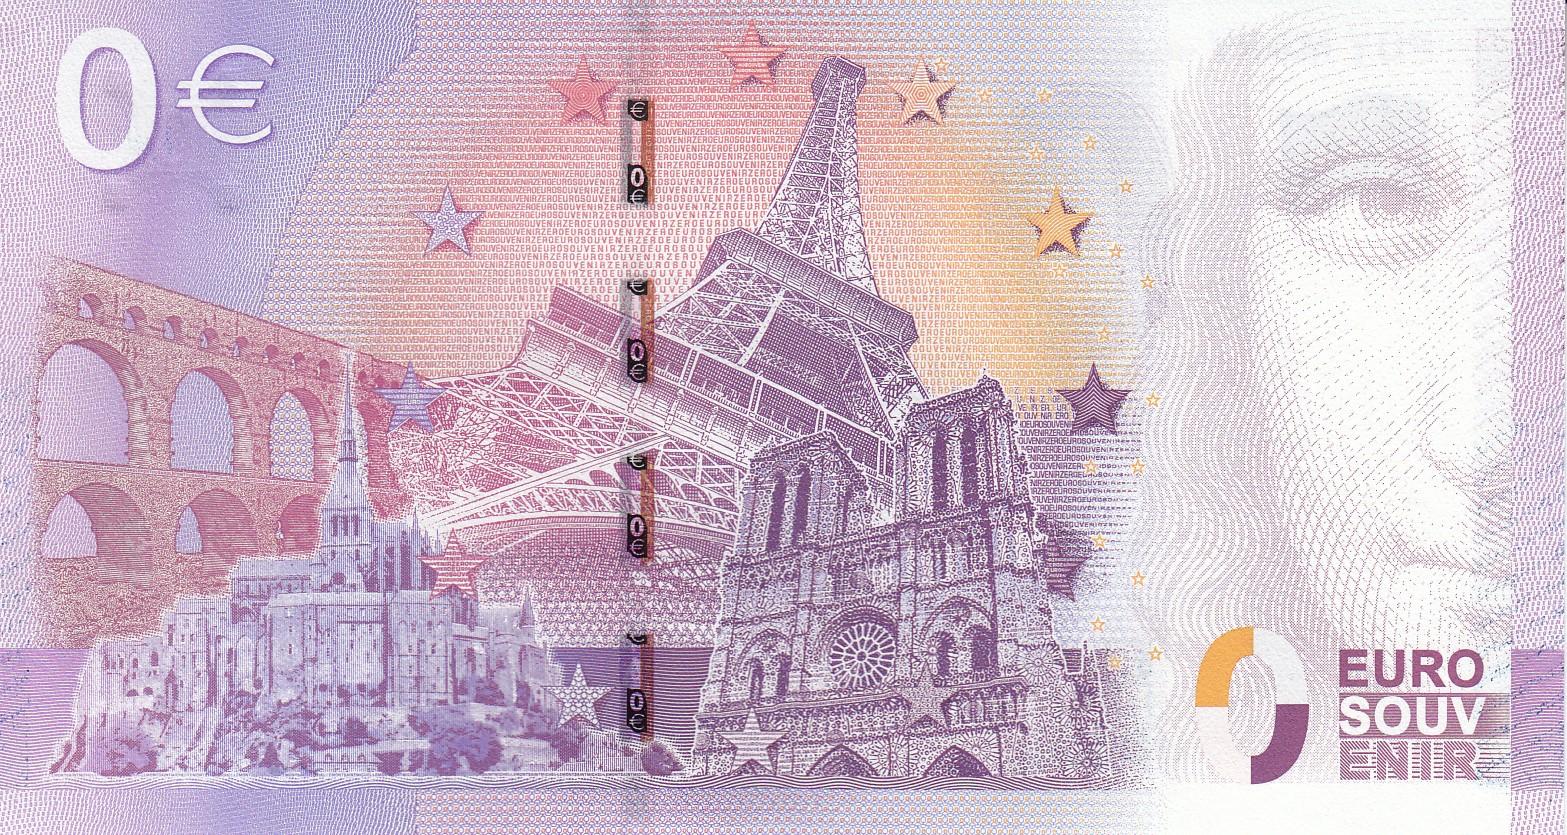 Шуточная сувенирная банкнота 0 евро с коллажем из самых известных реально существующих объектов Франции. Источник http://www.mcoin.ru/